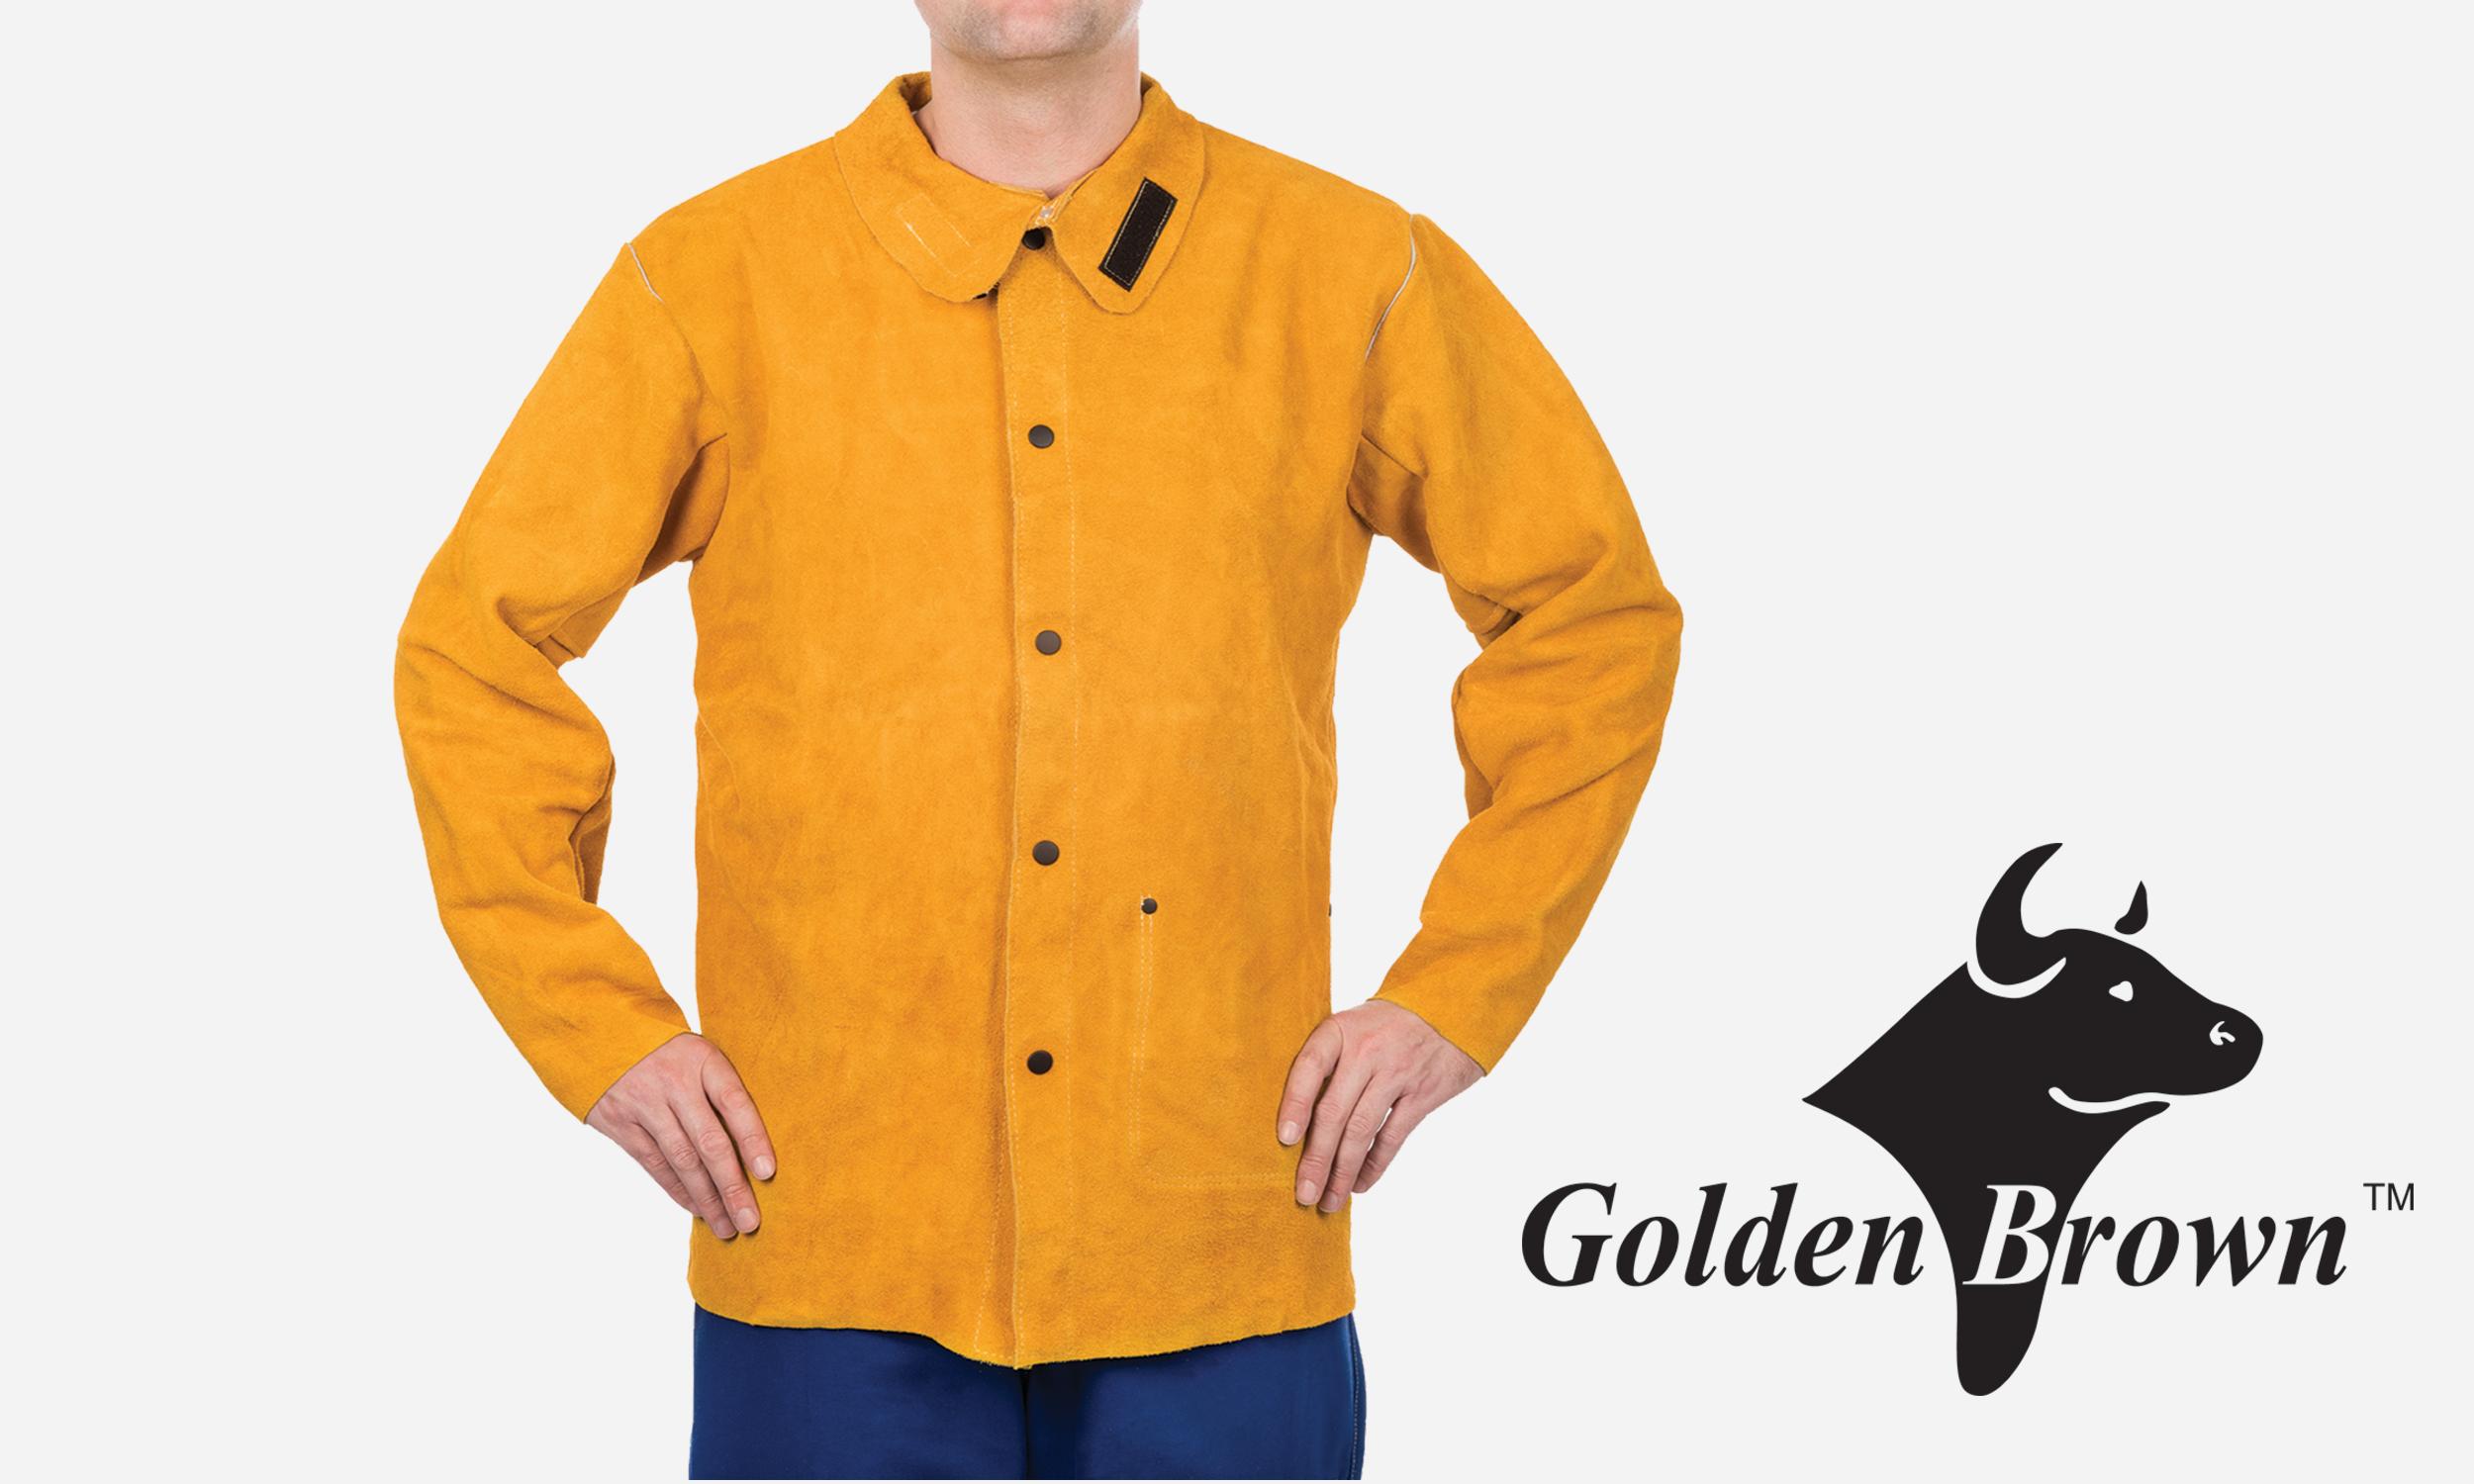 golden brown leather welding jacket